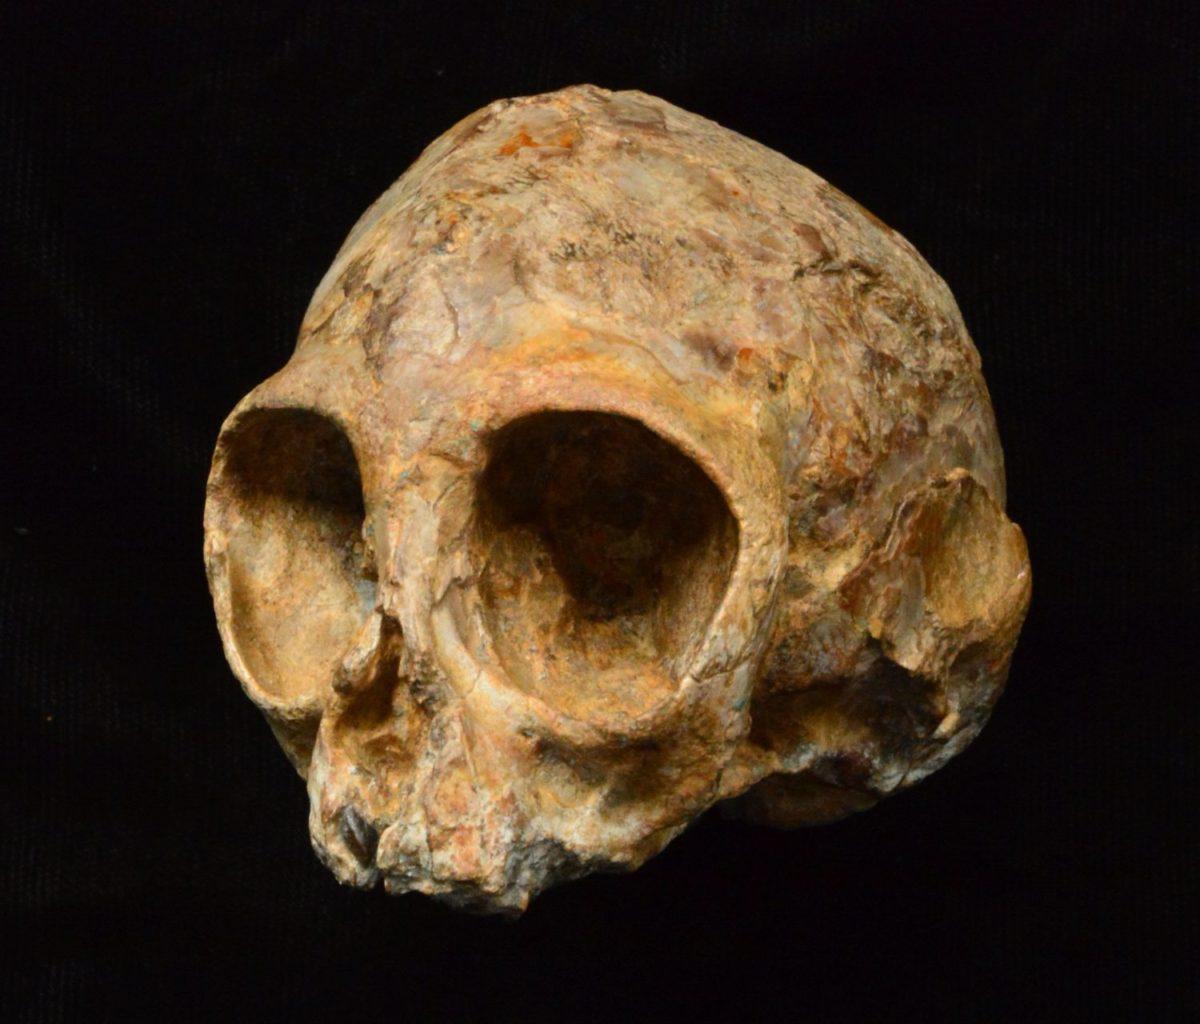 Alesi kafatsı yeni önerilen Nyanzapithecus alesi türüne ait.